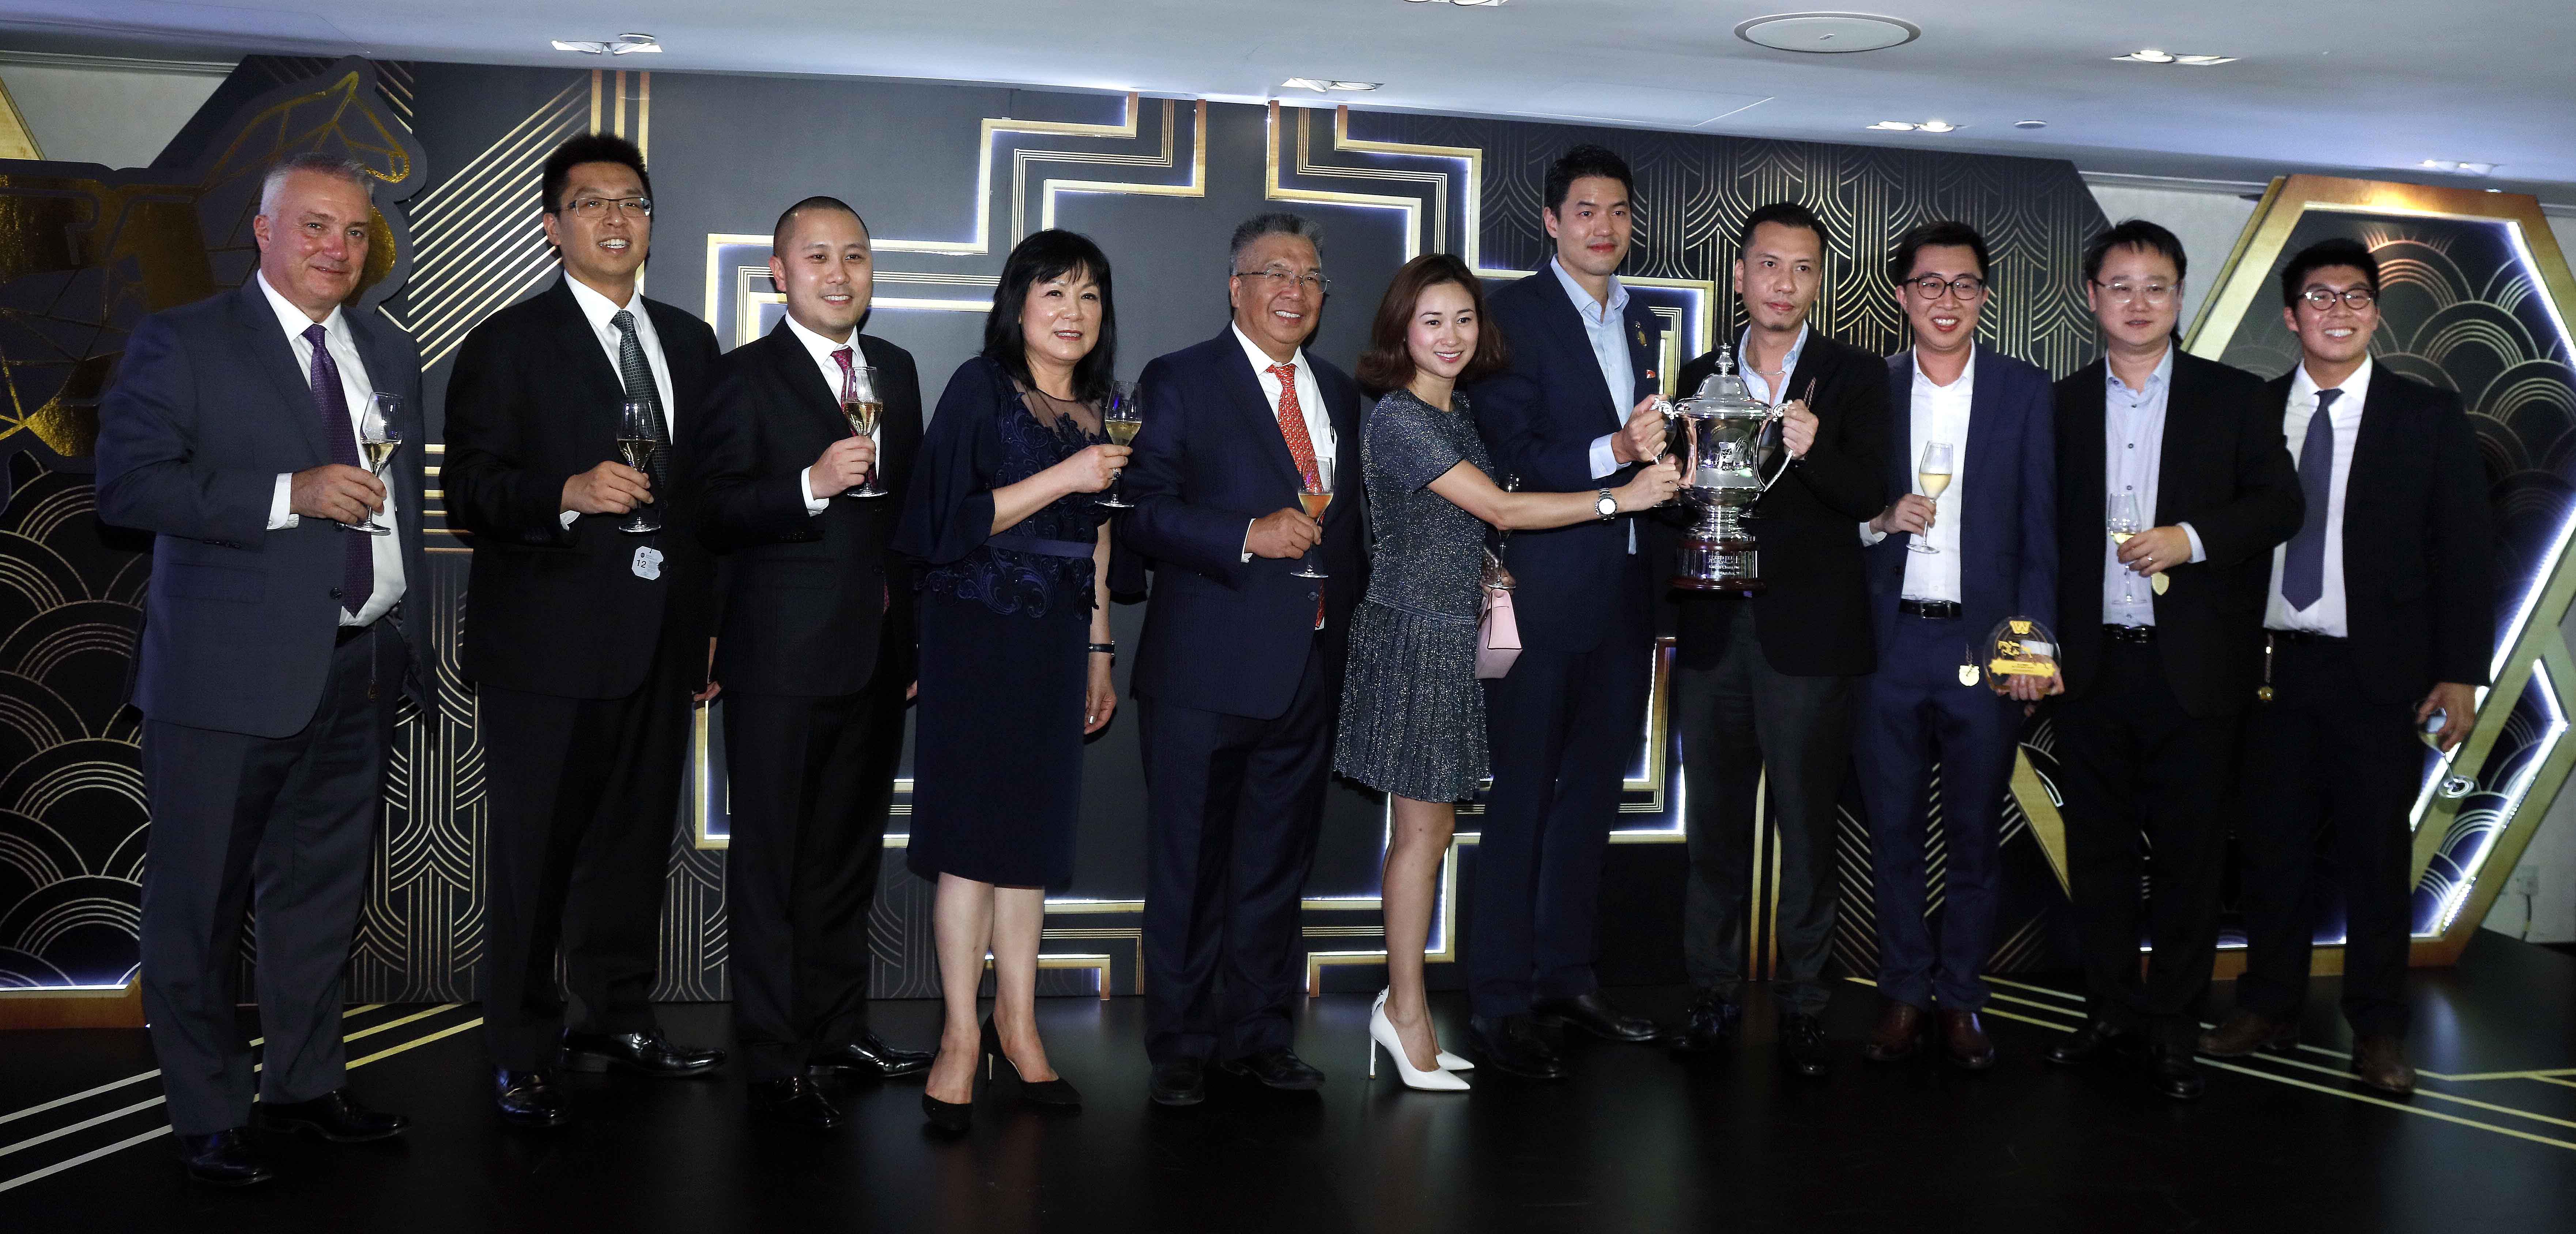 冠忠巴士集團有限公司和香港賽馬會的高層,與冠忠巴士盃冠軍「首映」的馬主一同舉杯,慶祝賽馬夜完滿舉行。